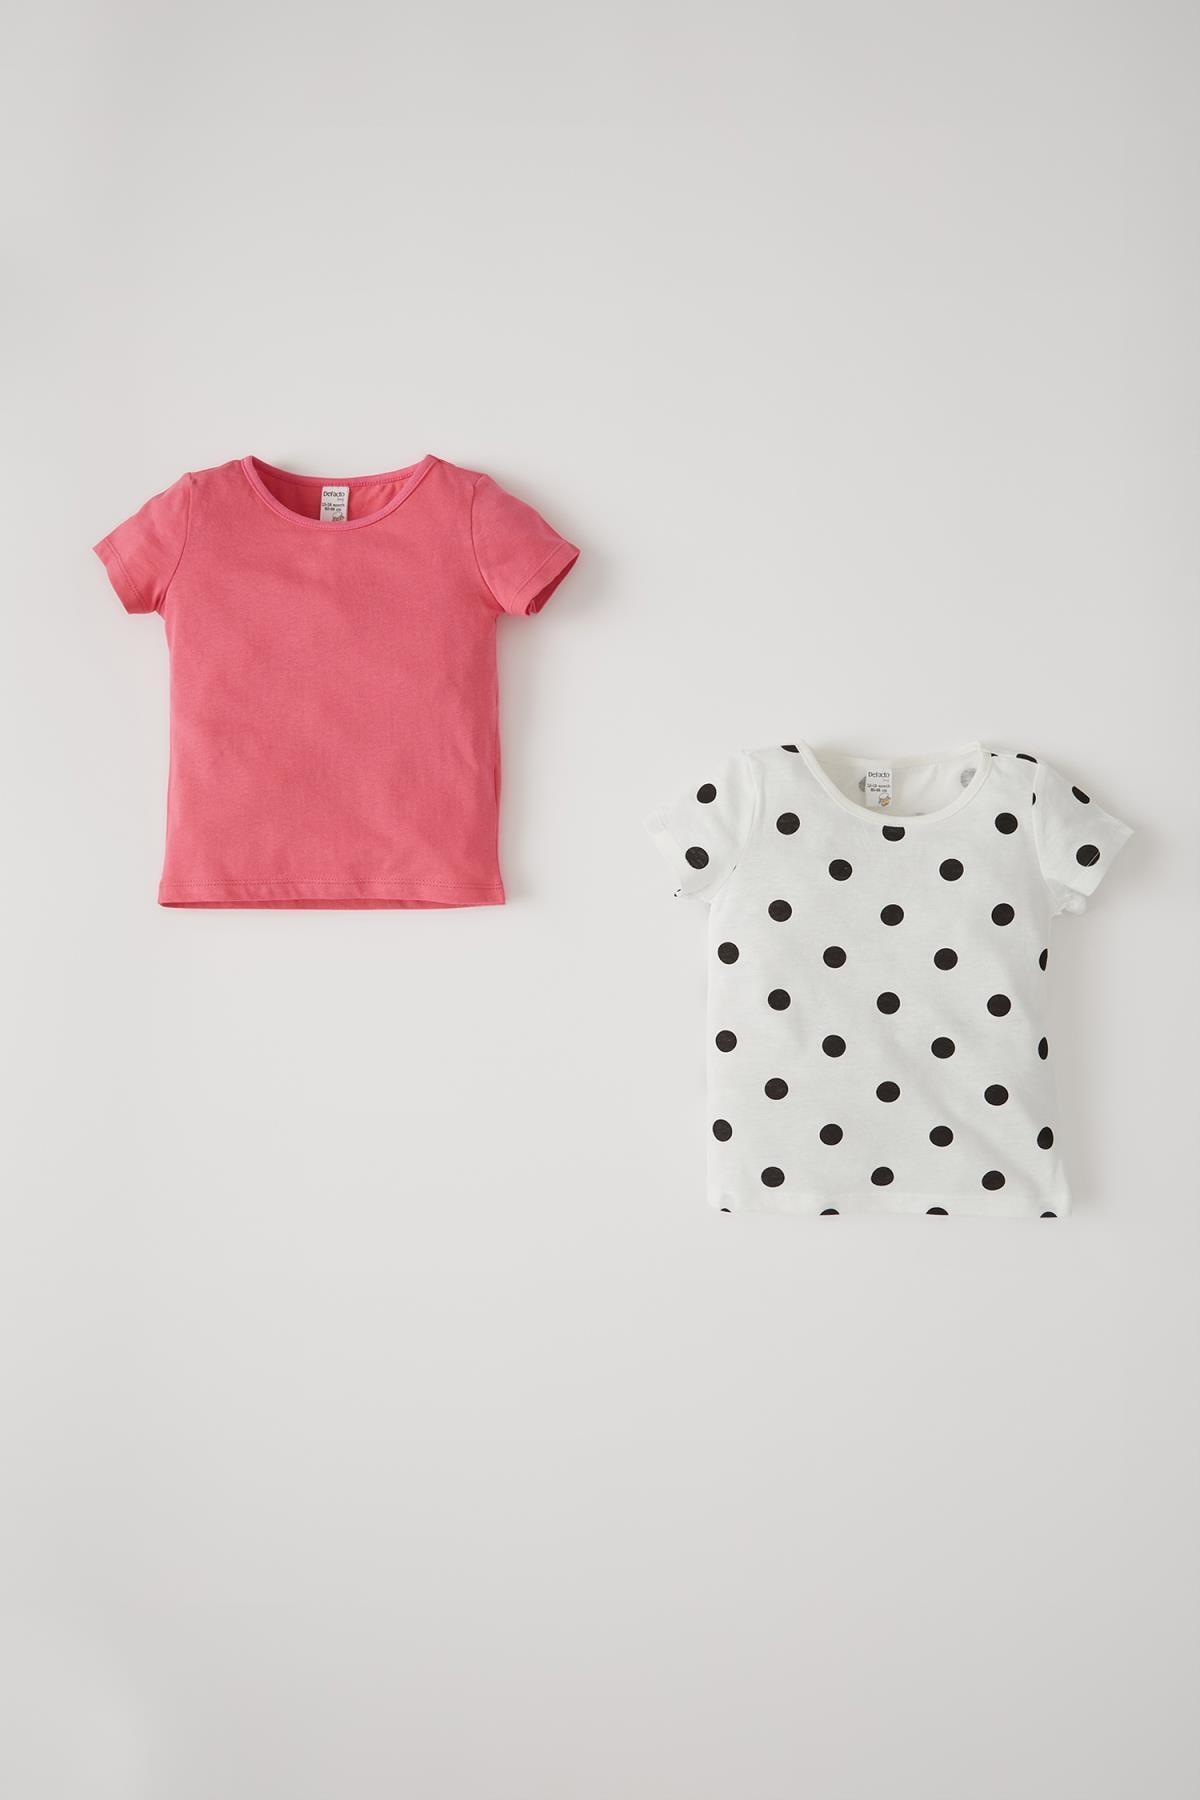 خرید انلاین تیشرت نوزاد دخترانه خاص مارک دفاکتو رنگ صورتی ty98353201